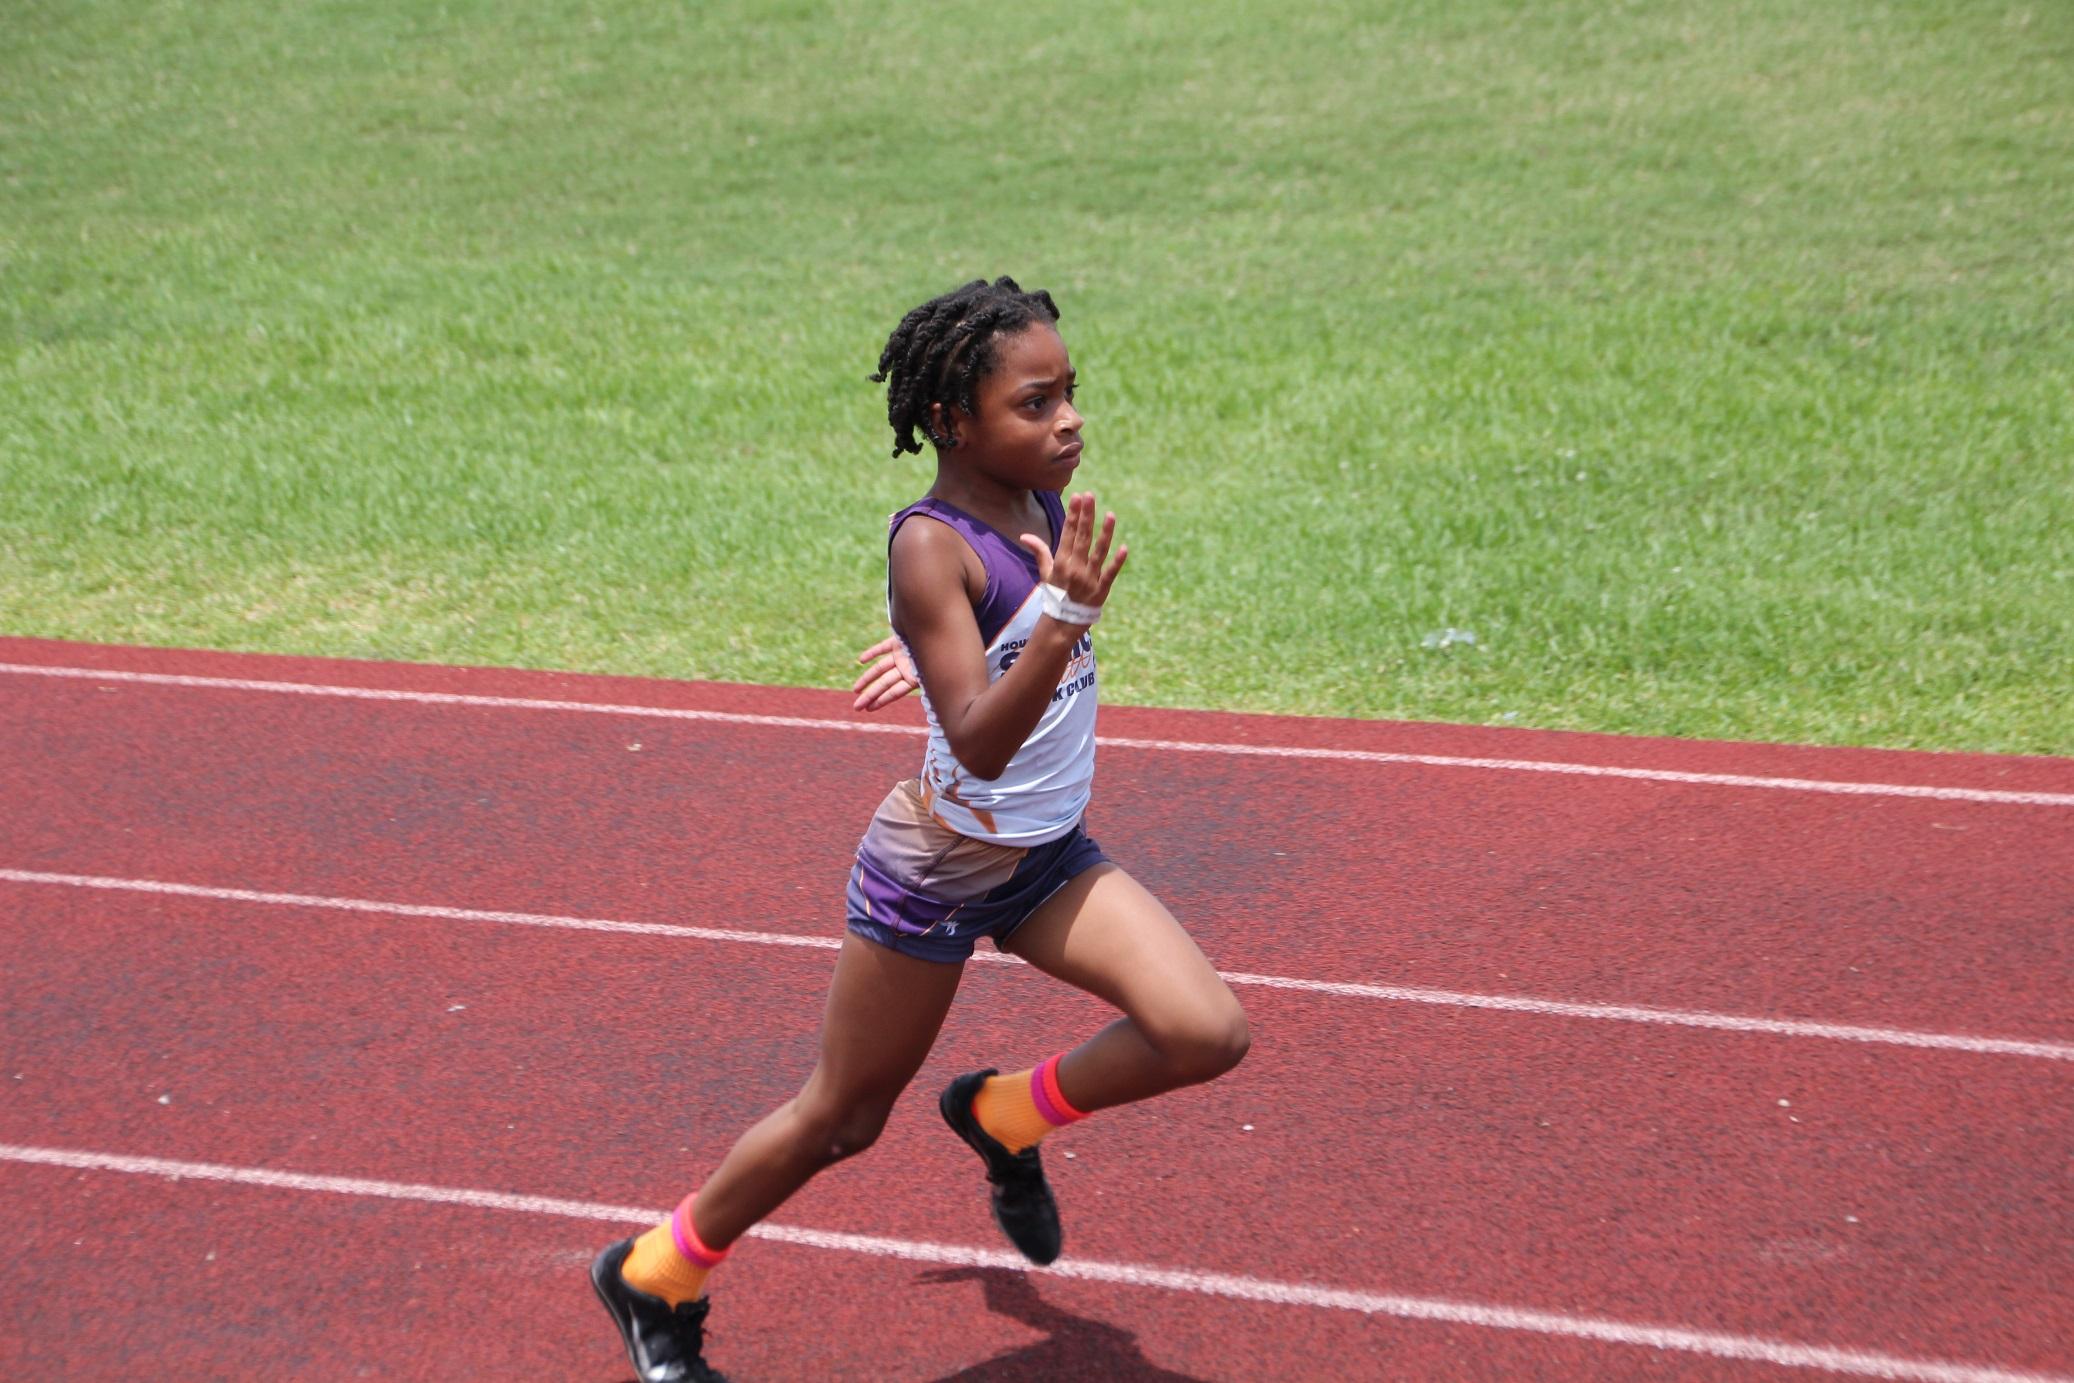 Shakira running the 200m